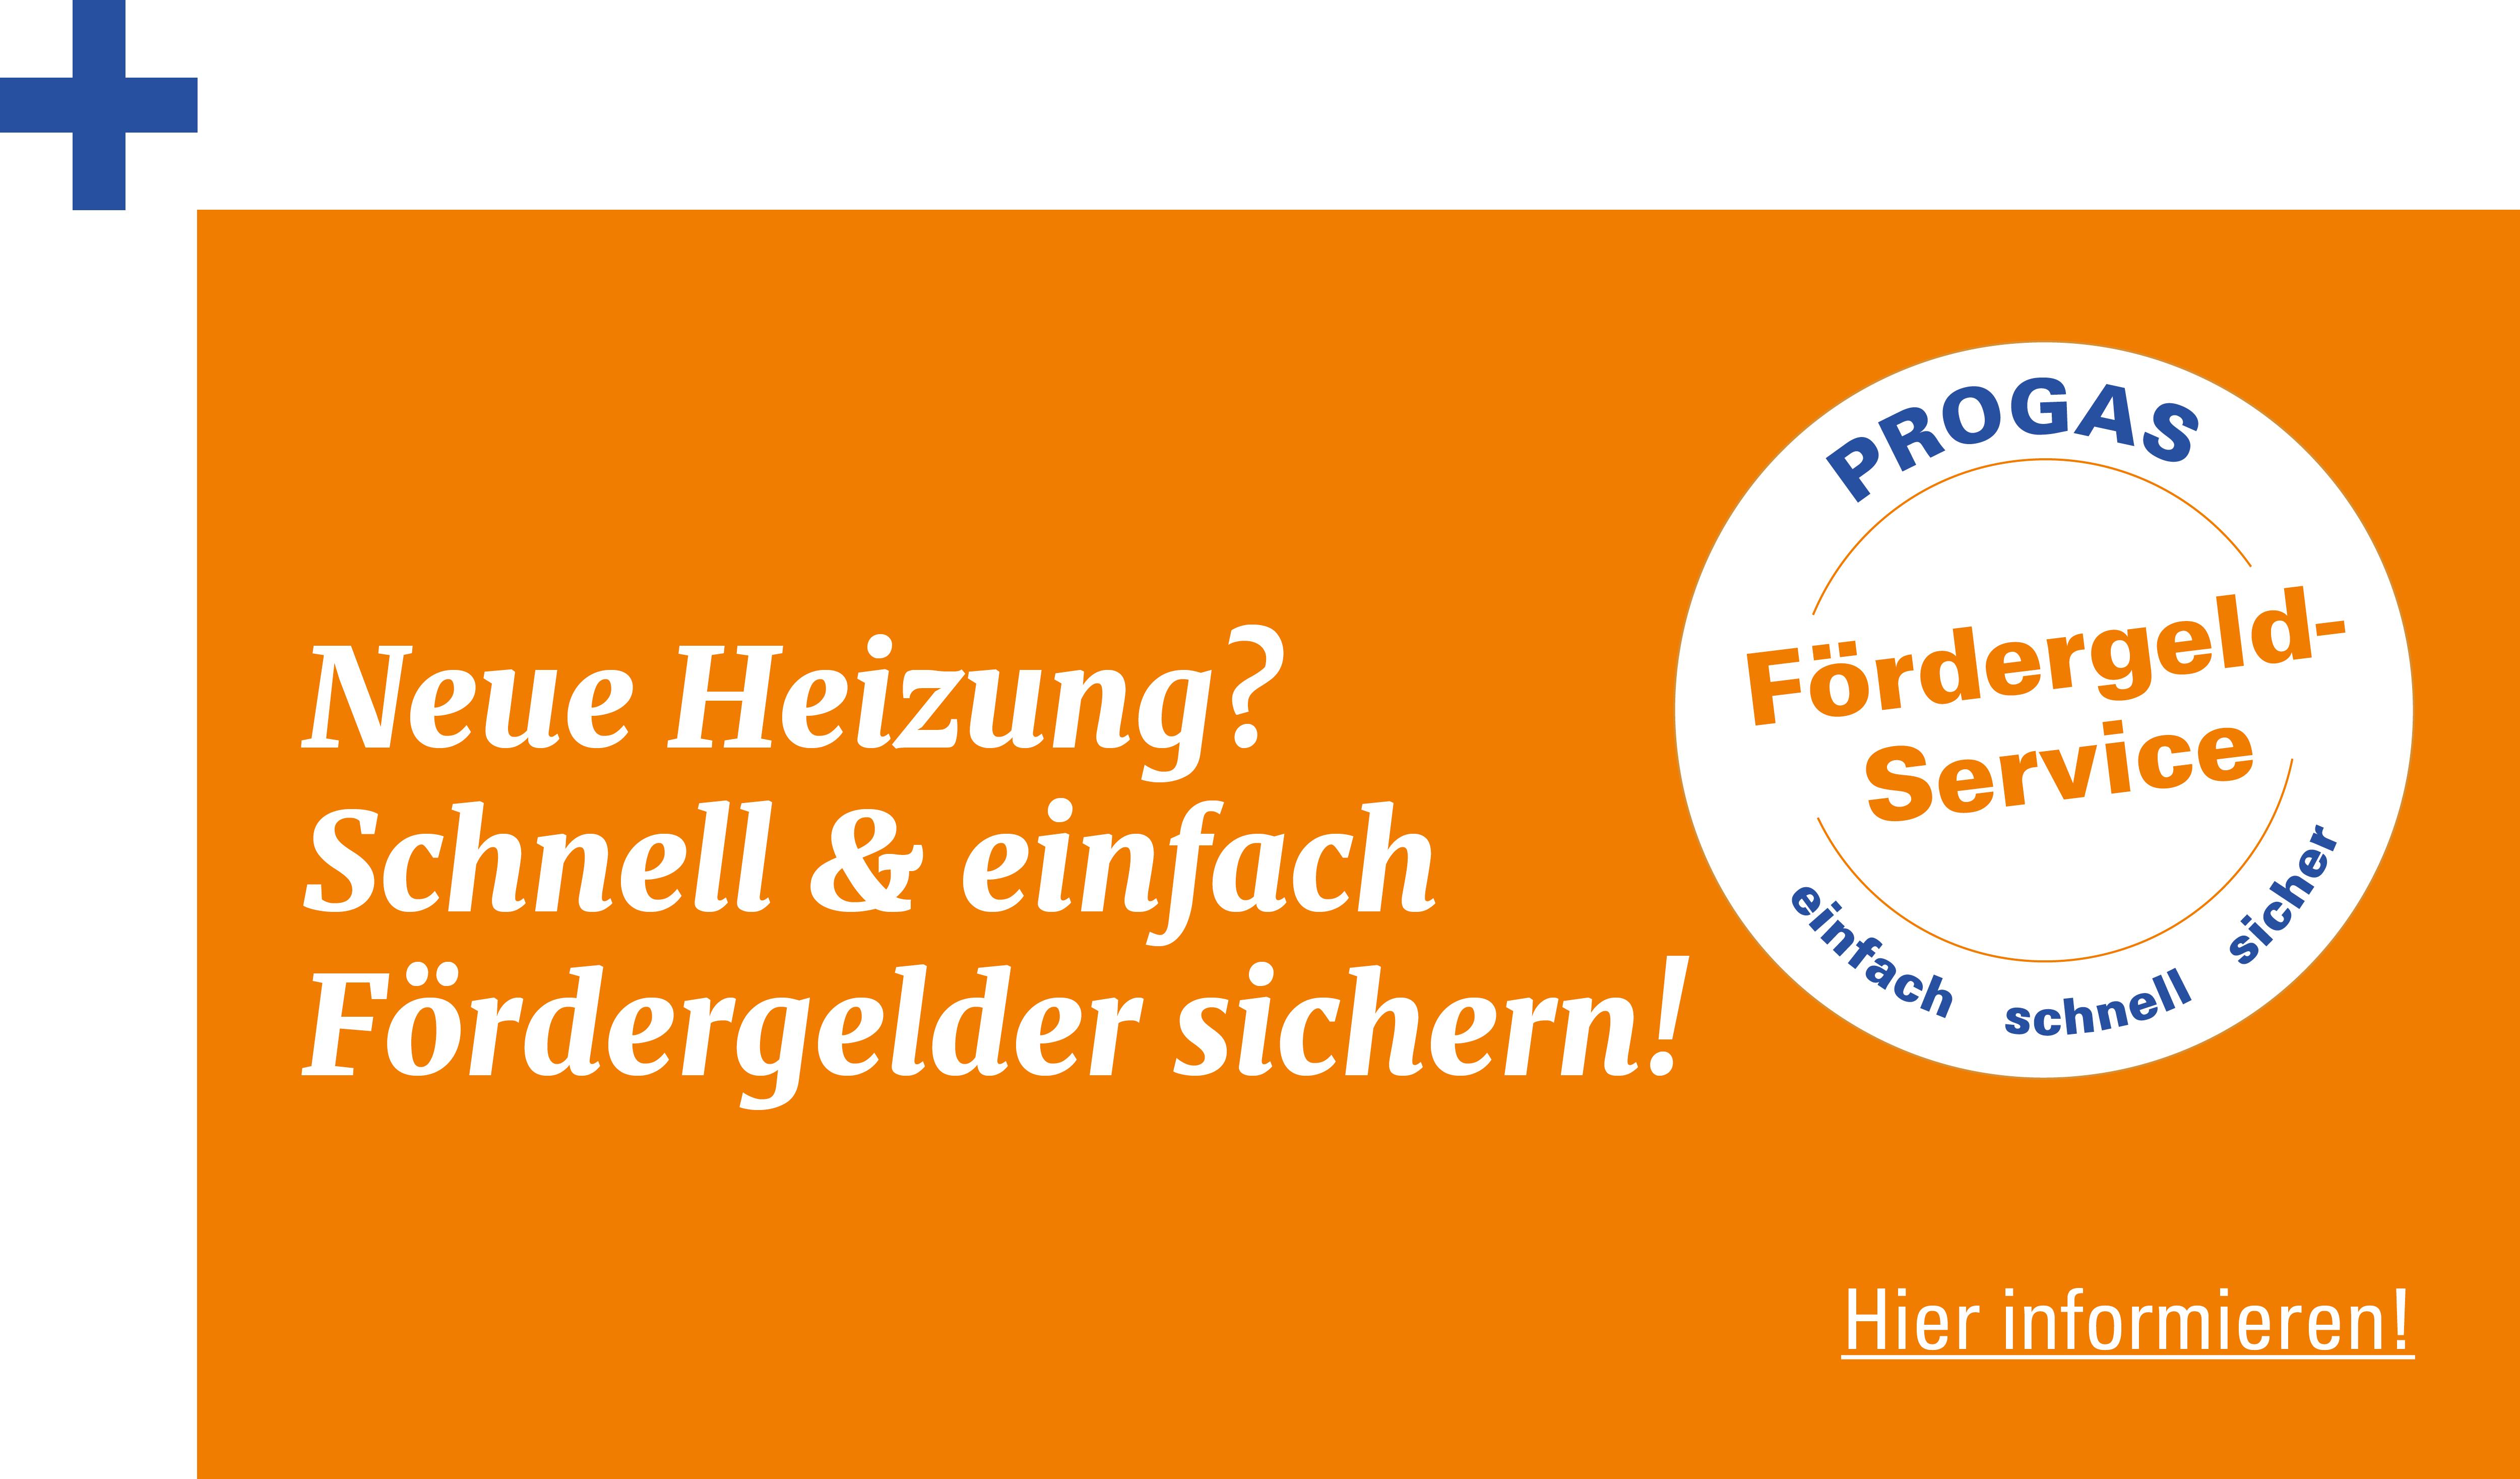 Stoerer Foerderservice 1200x704px